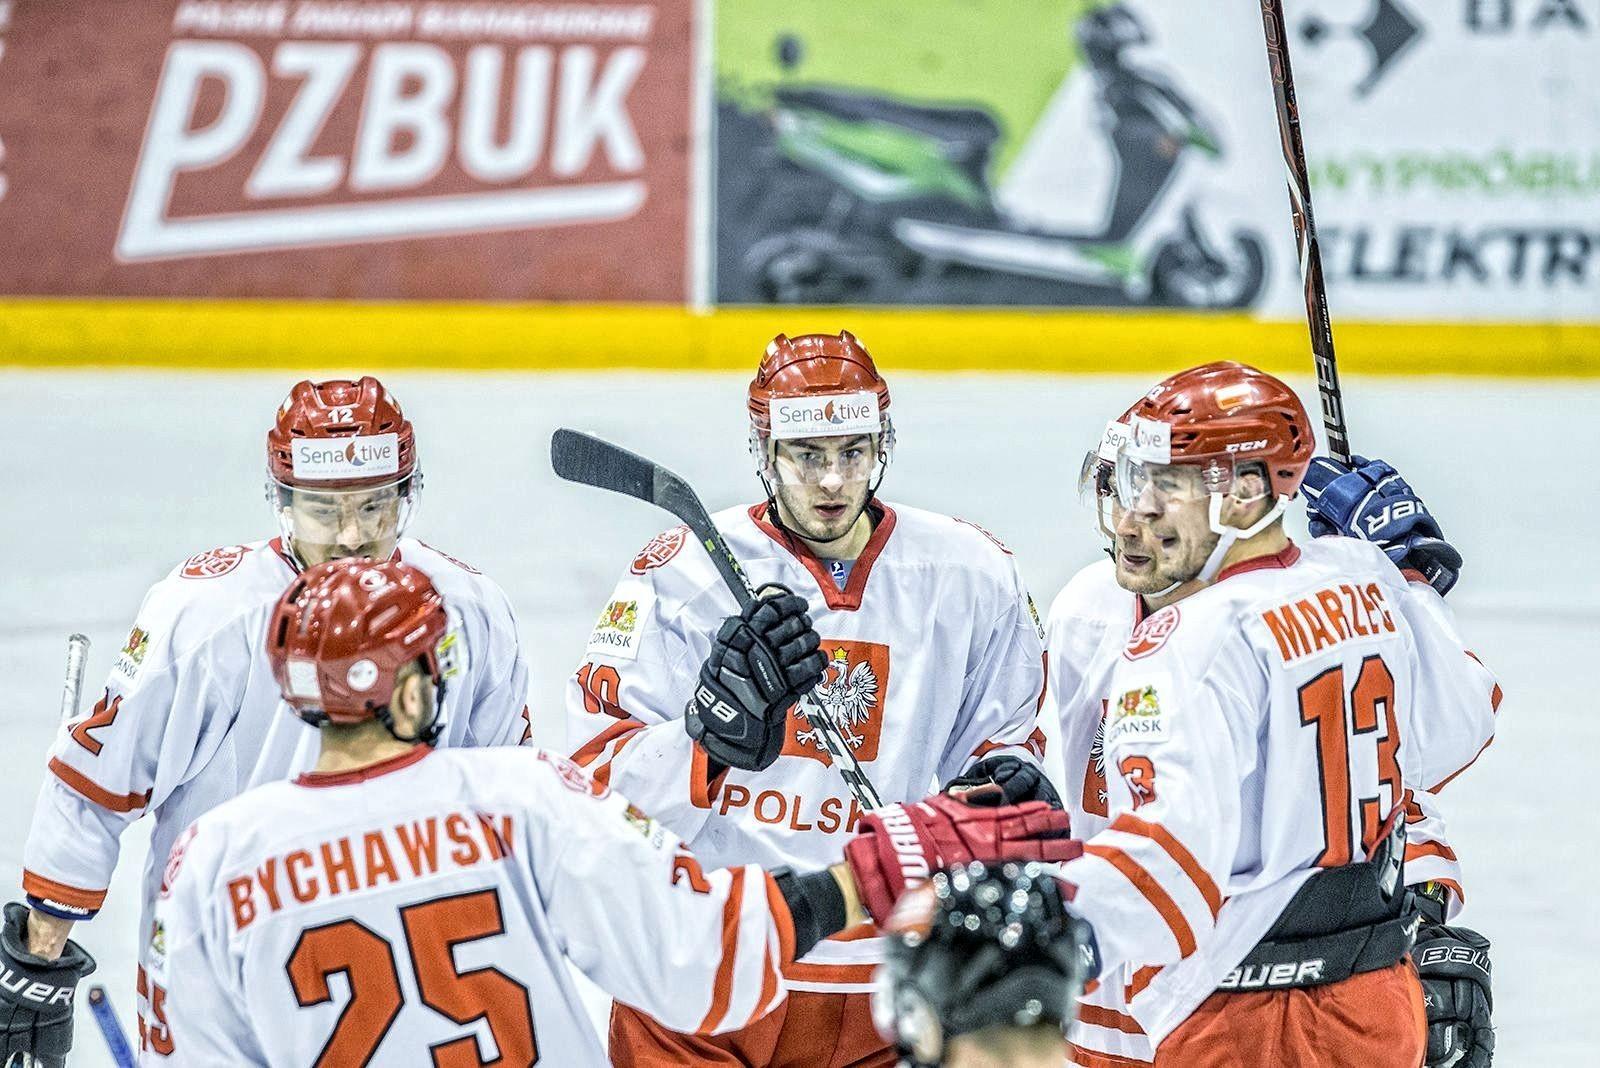 reprezentacja polski w hokeju018